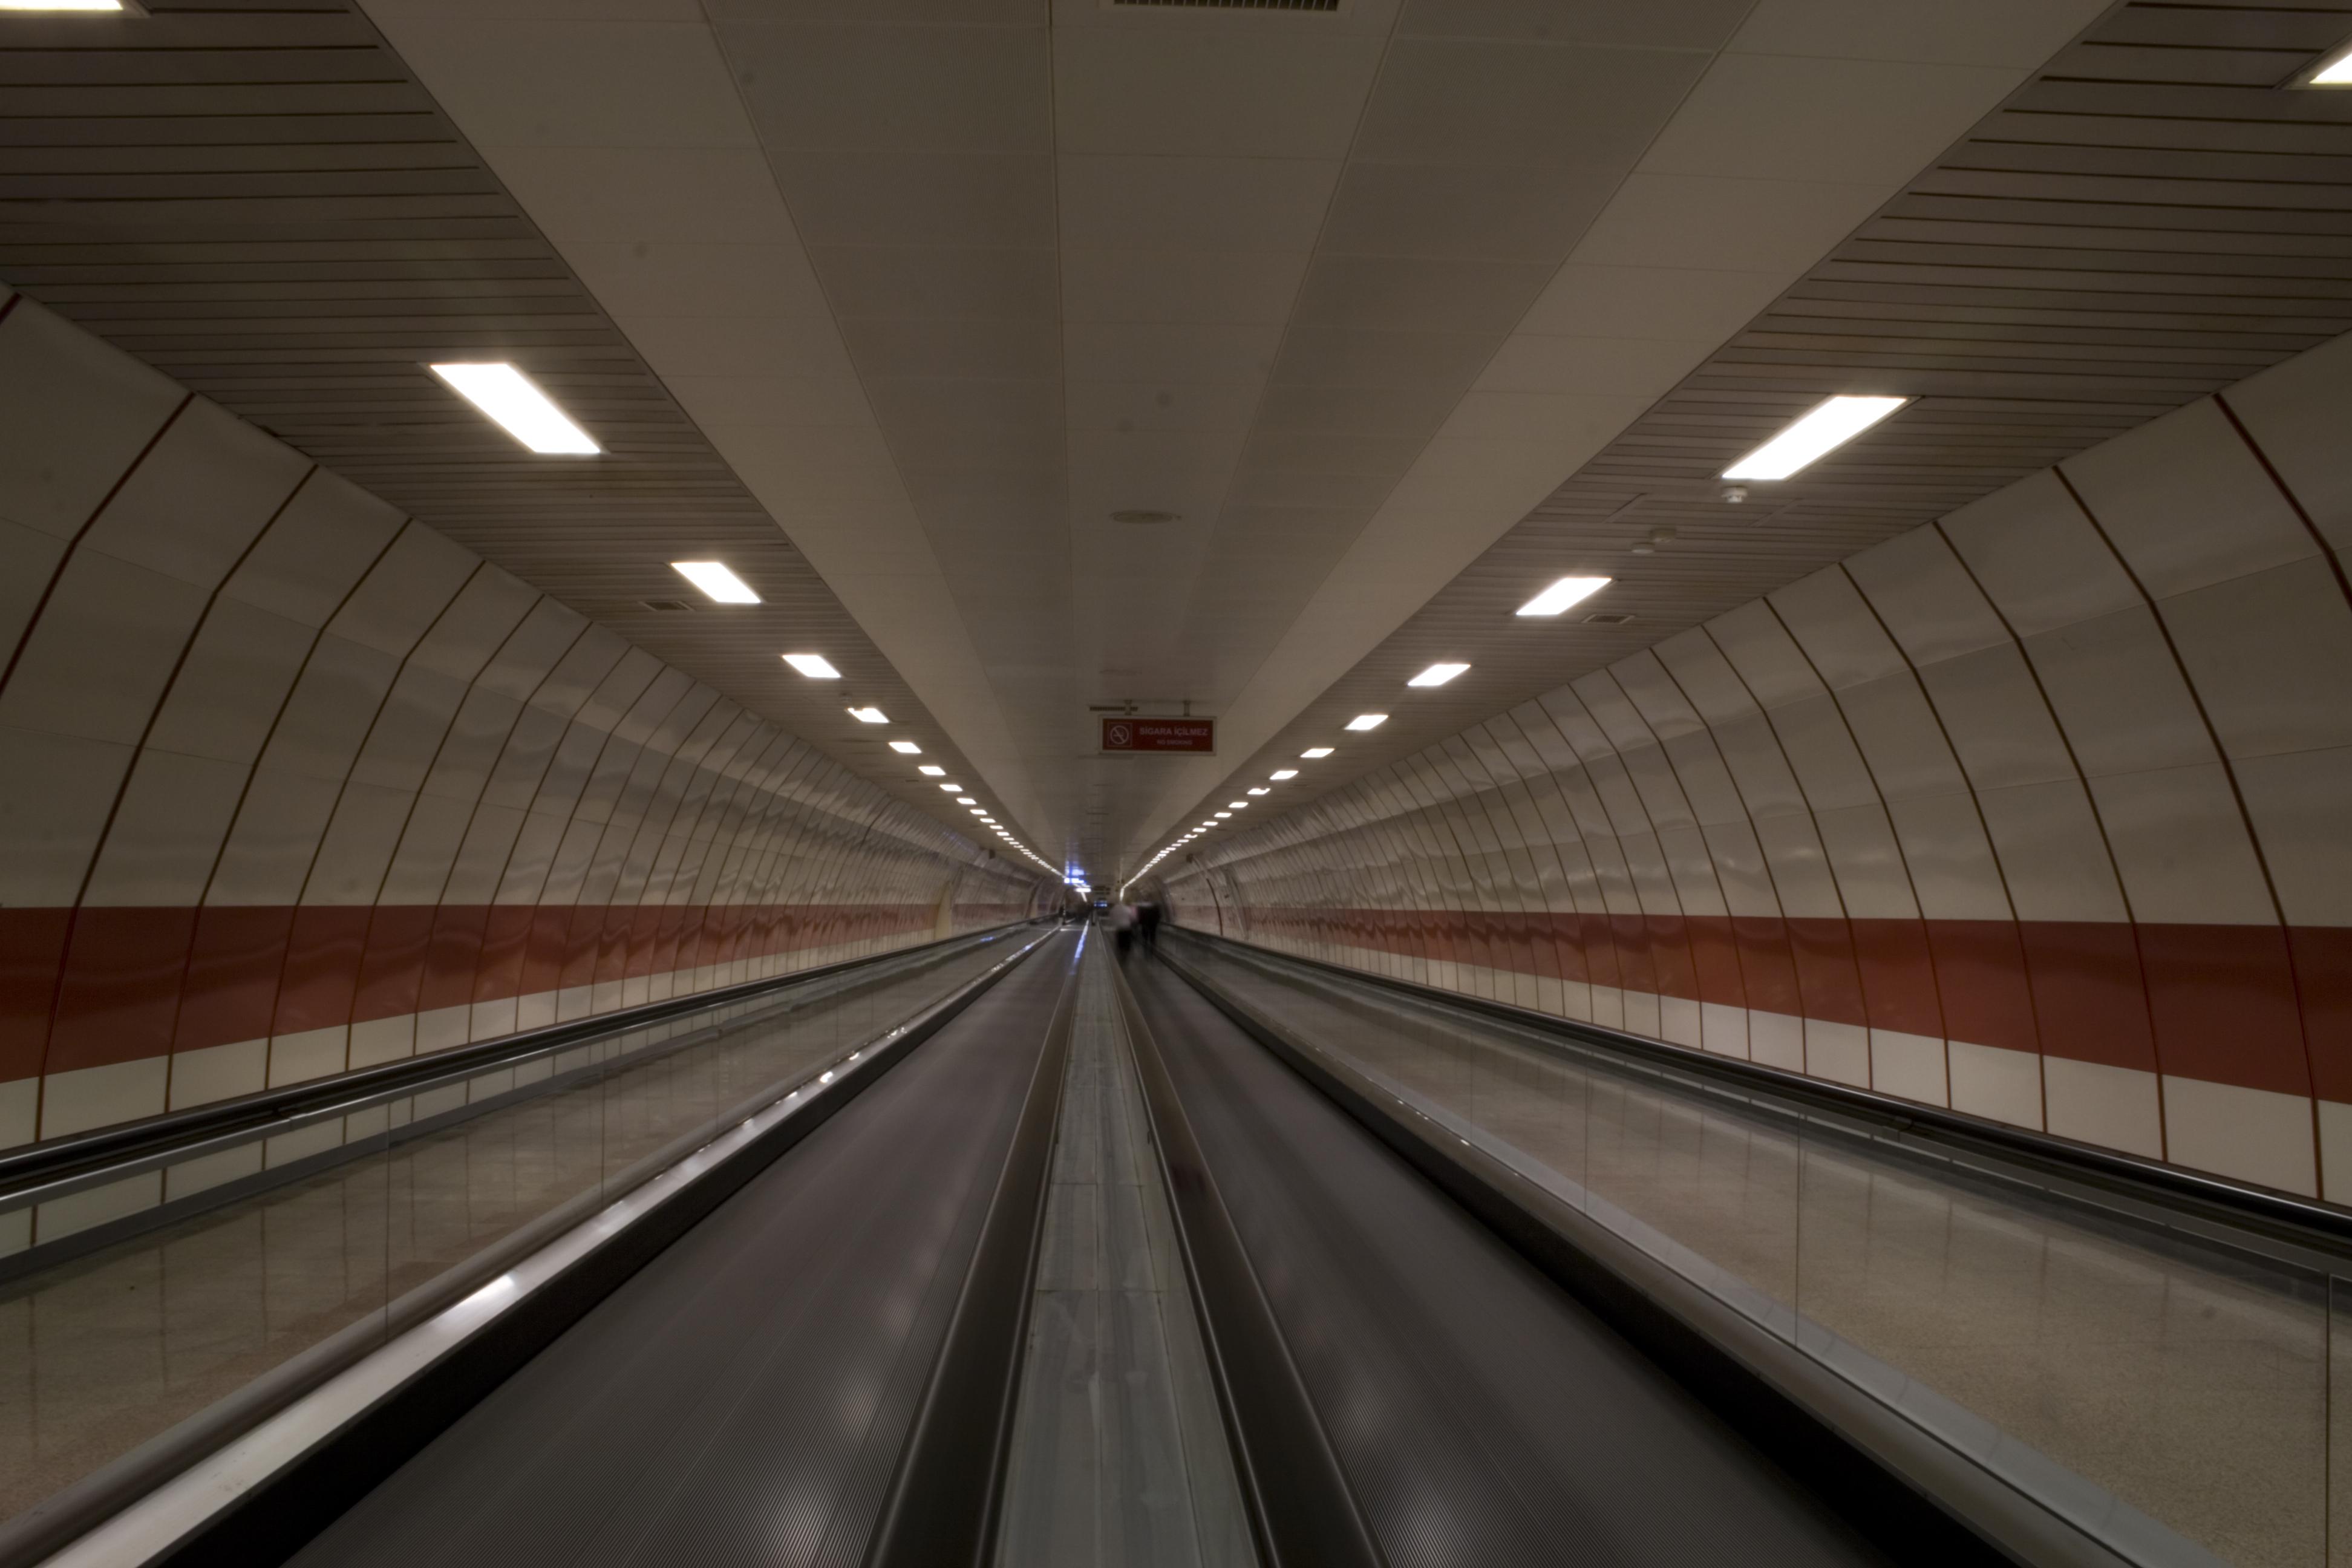 8. Tunel_16